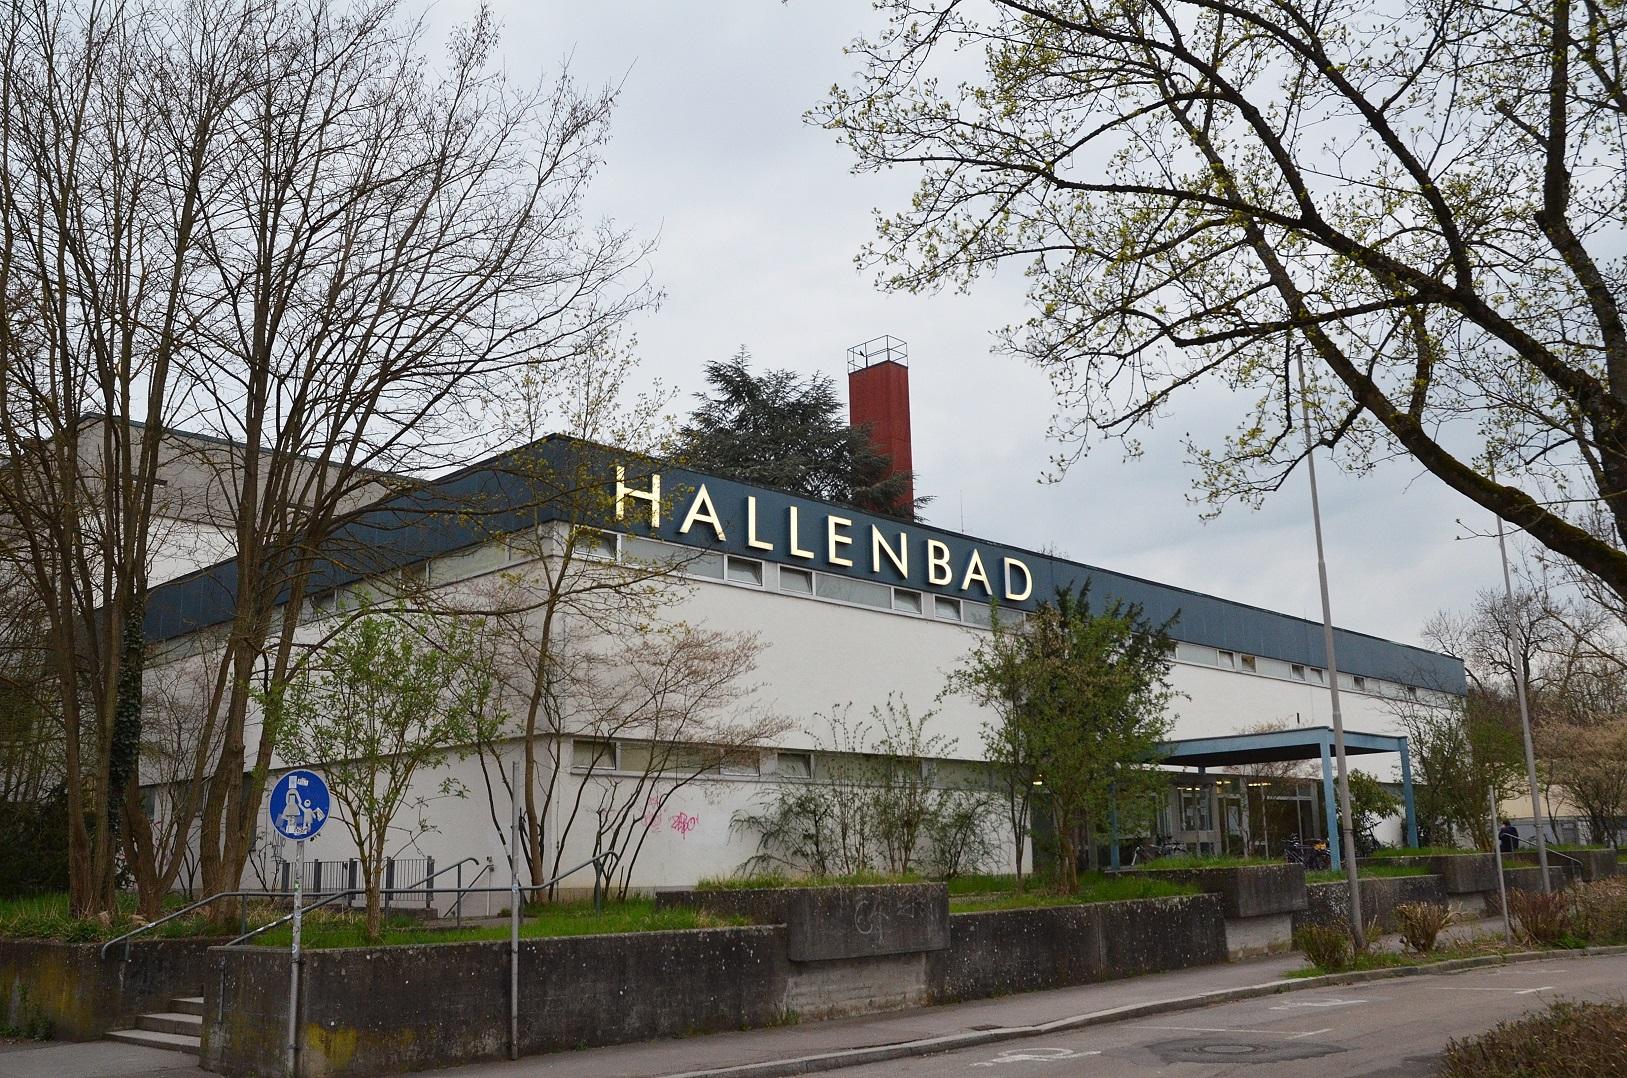 hallenbad in (32)